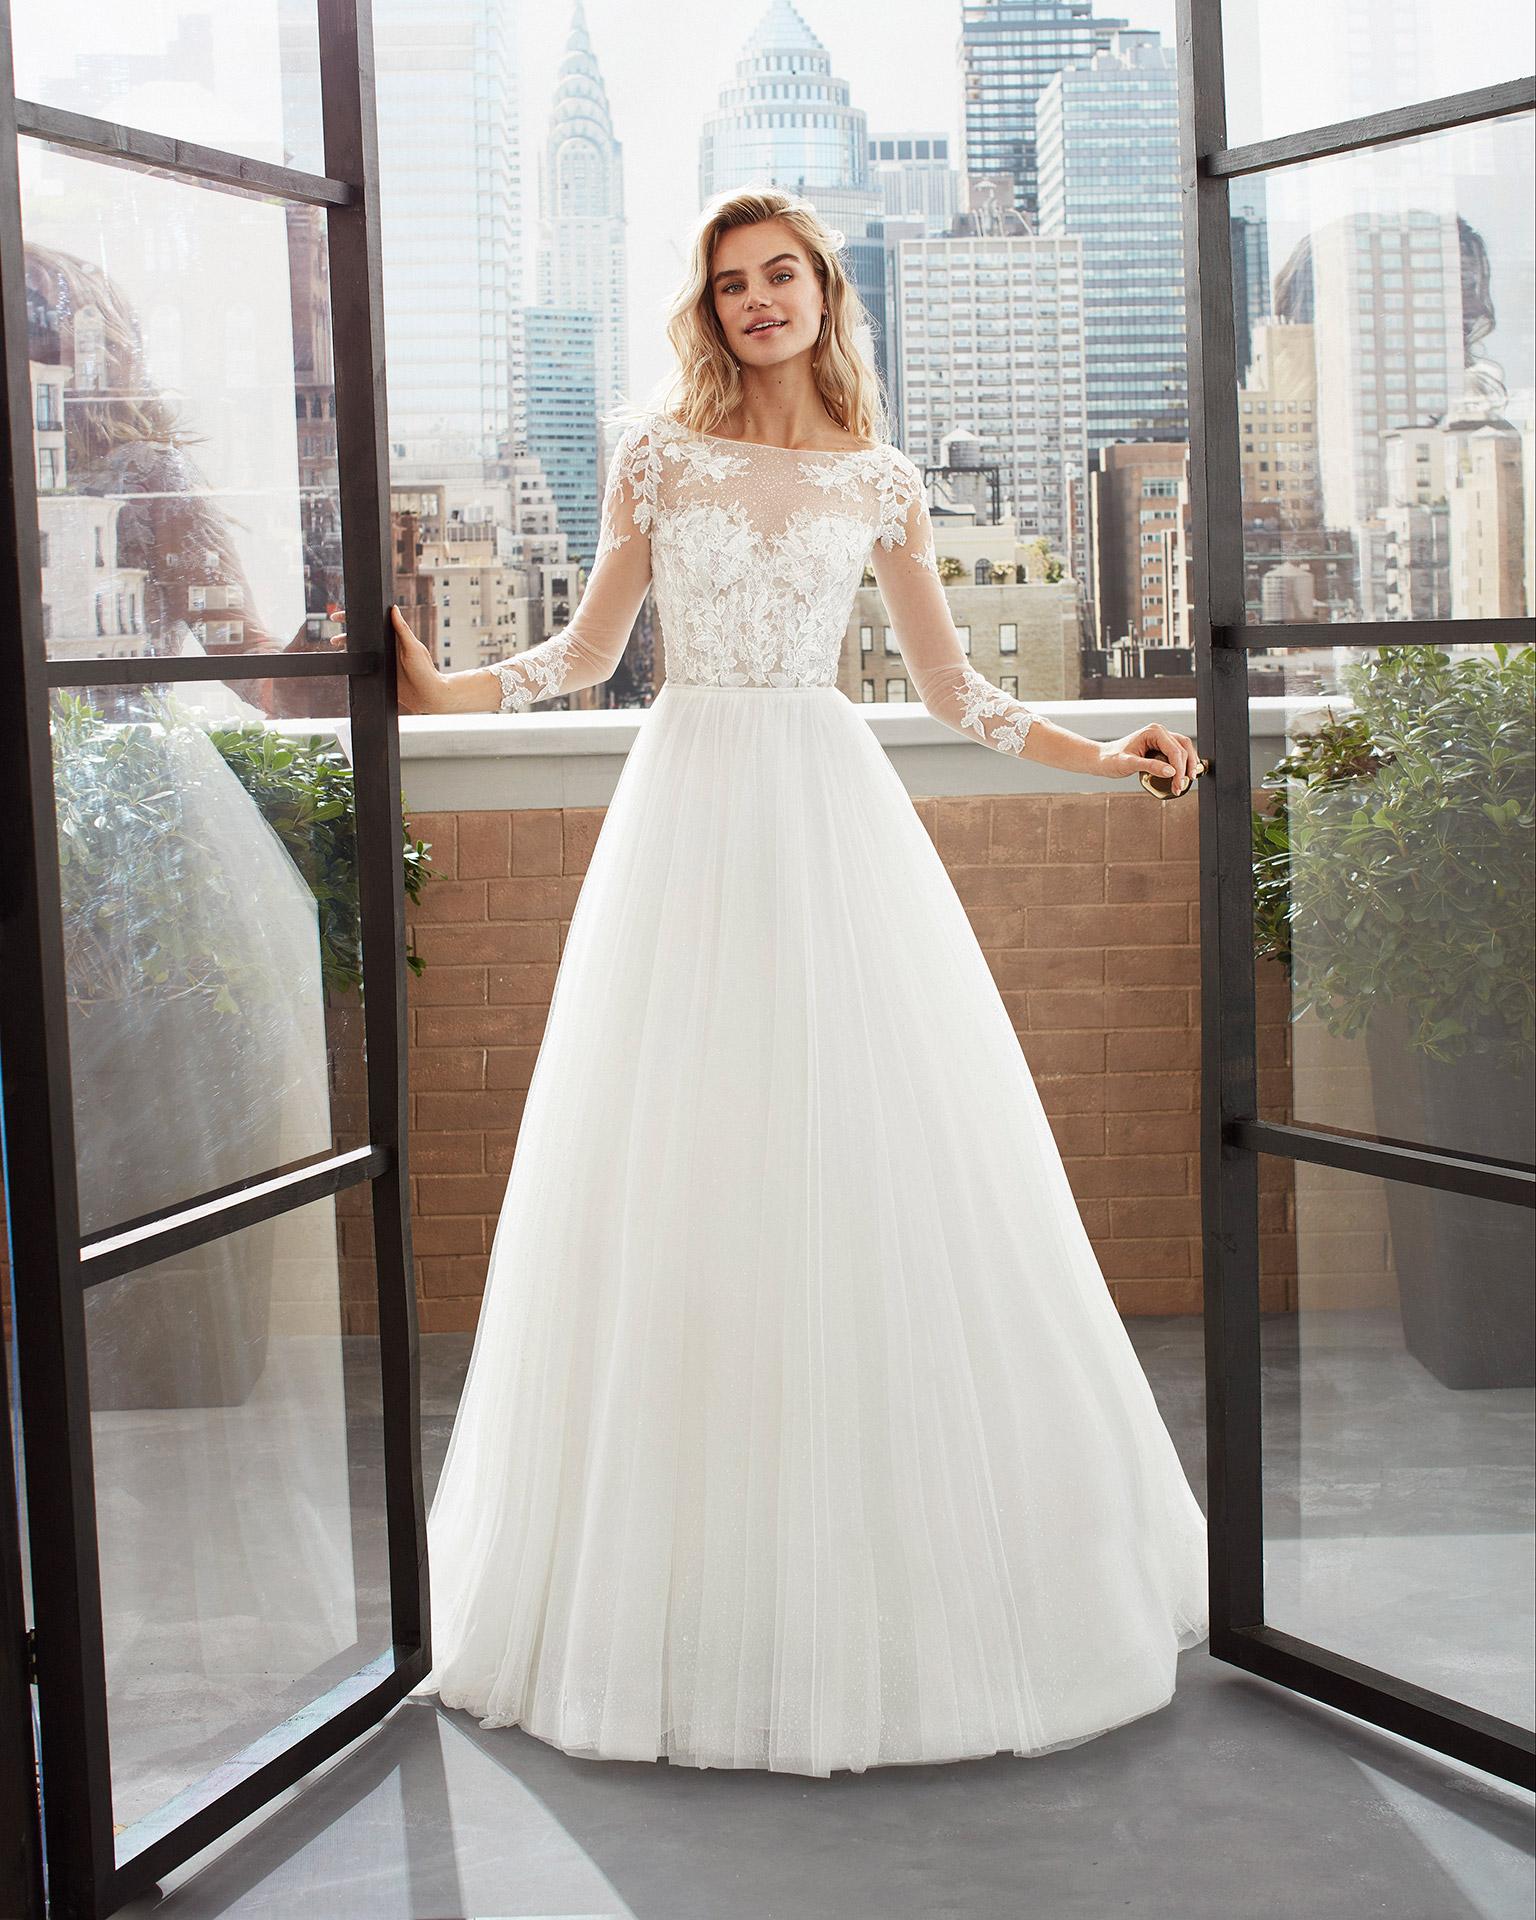 Vestido de novia de estilo romántico de tul suave, encaje y pedrería con escote corazón y manga 3/4 con espalda en V. Colección  2020.